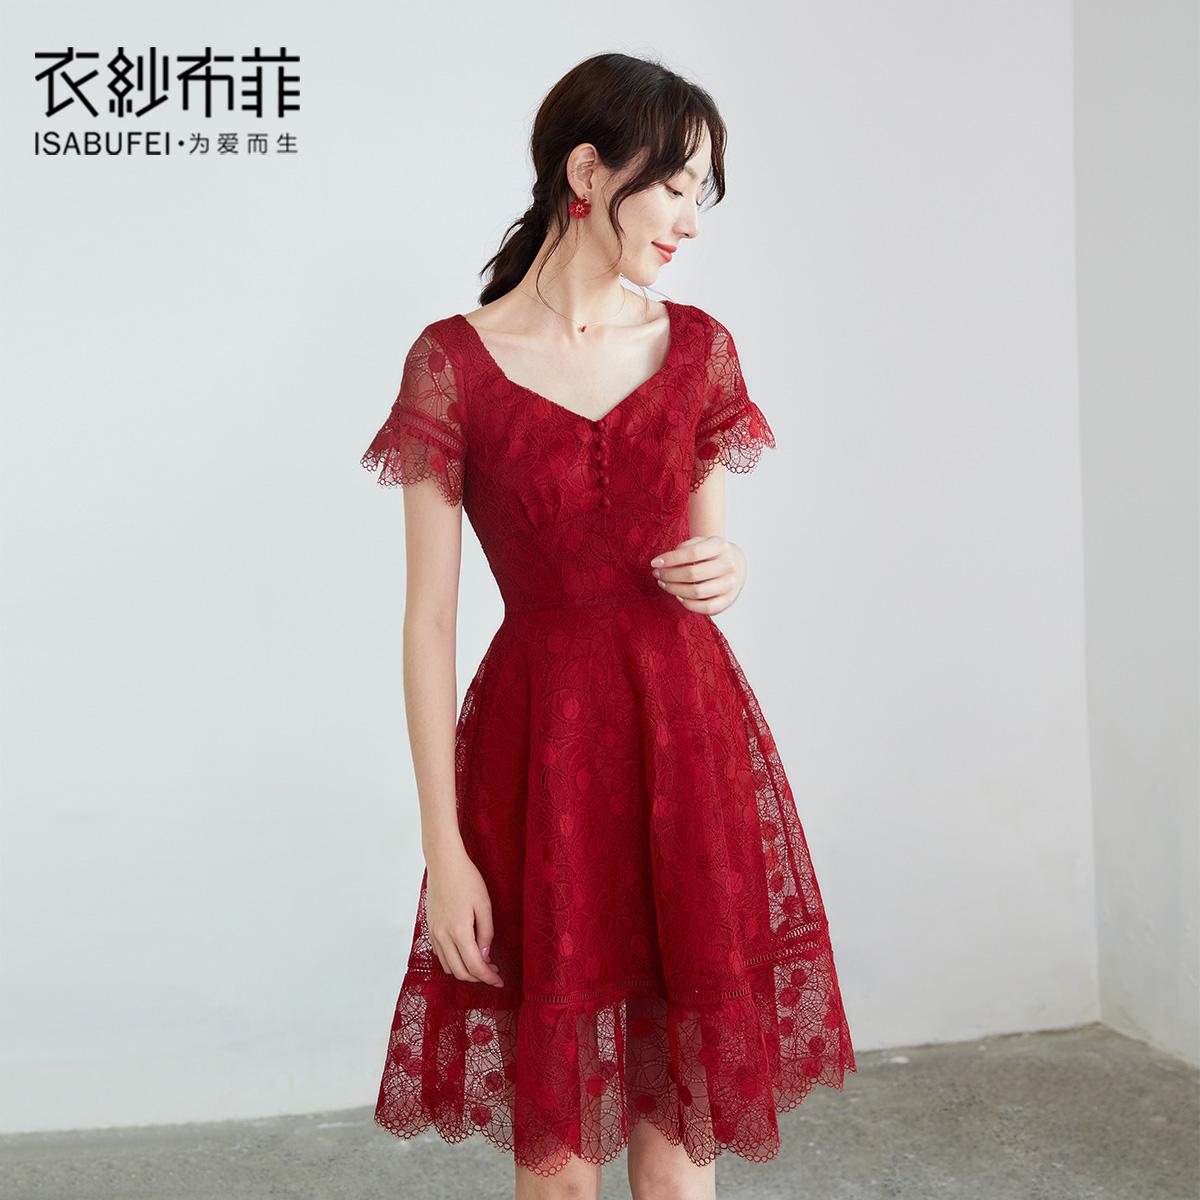 温泉韩国裙式比基尼三件套小胸钢托聚拢女游泳衣